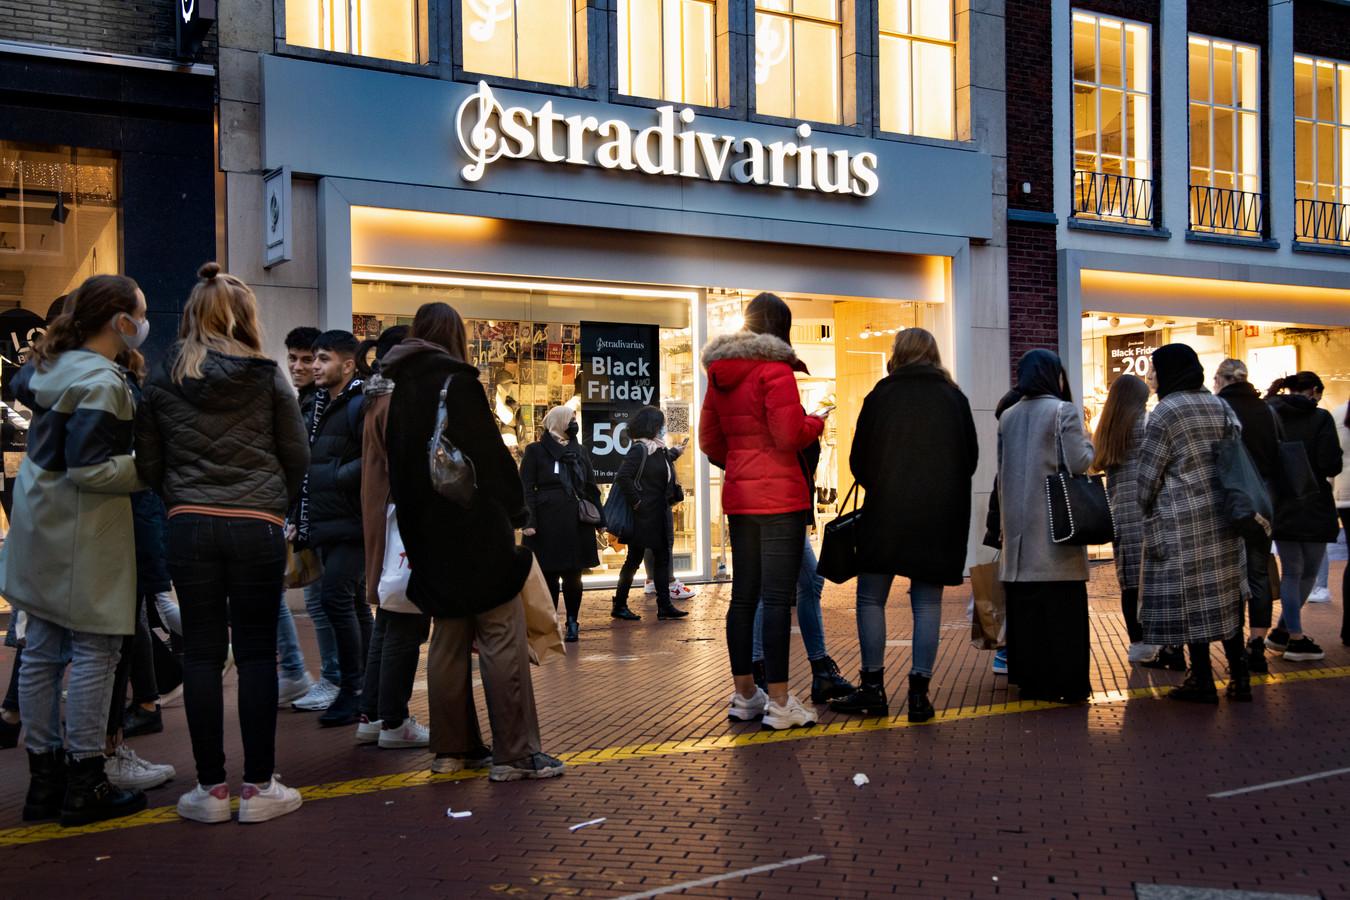 Ook voor Stradivarius staat een rij.